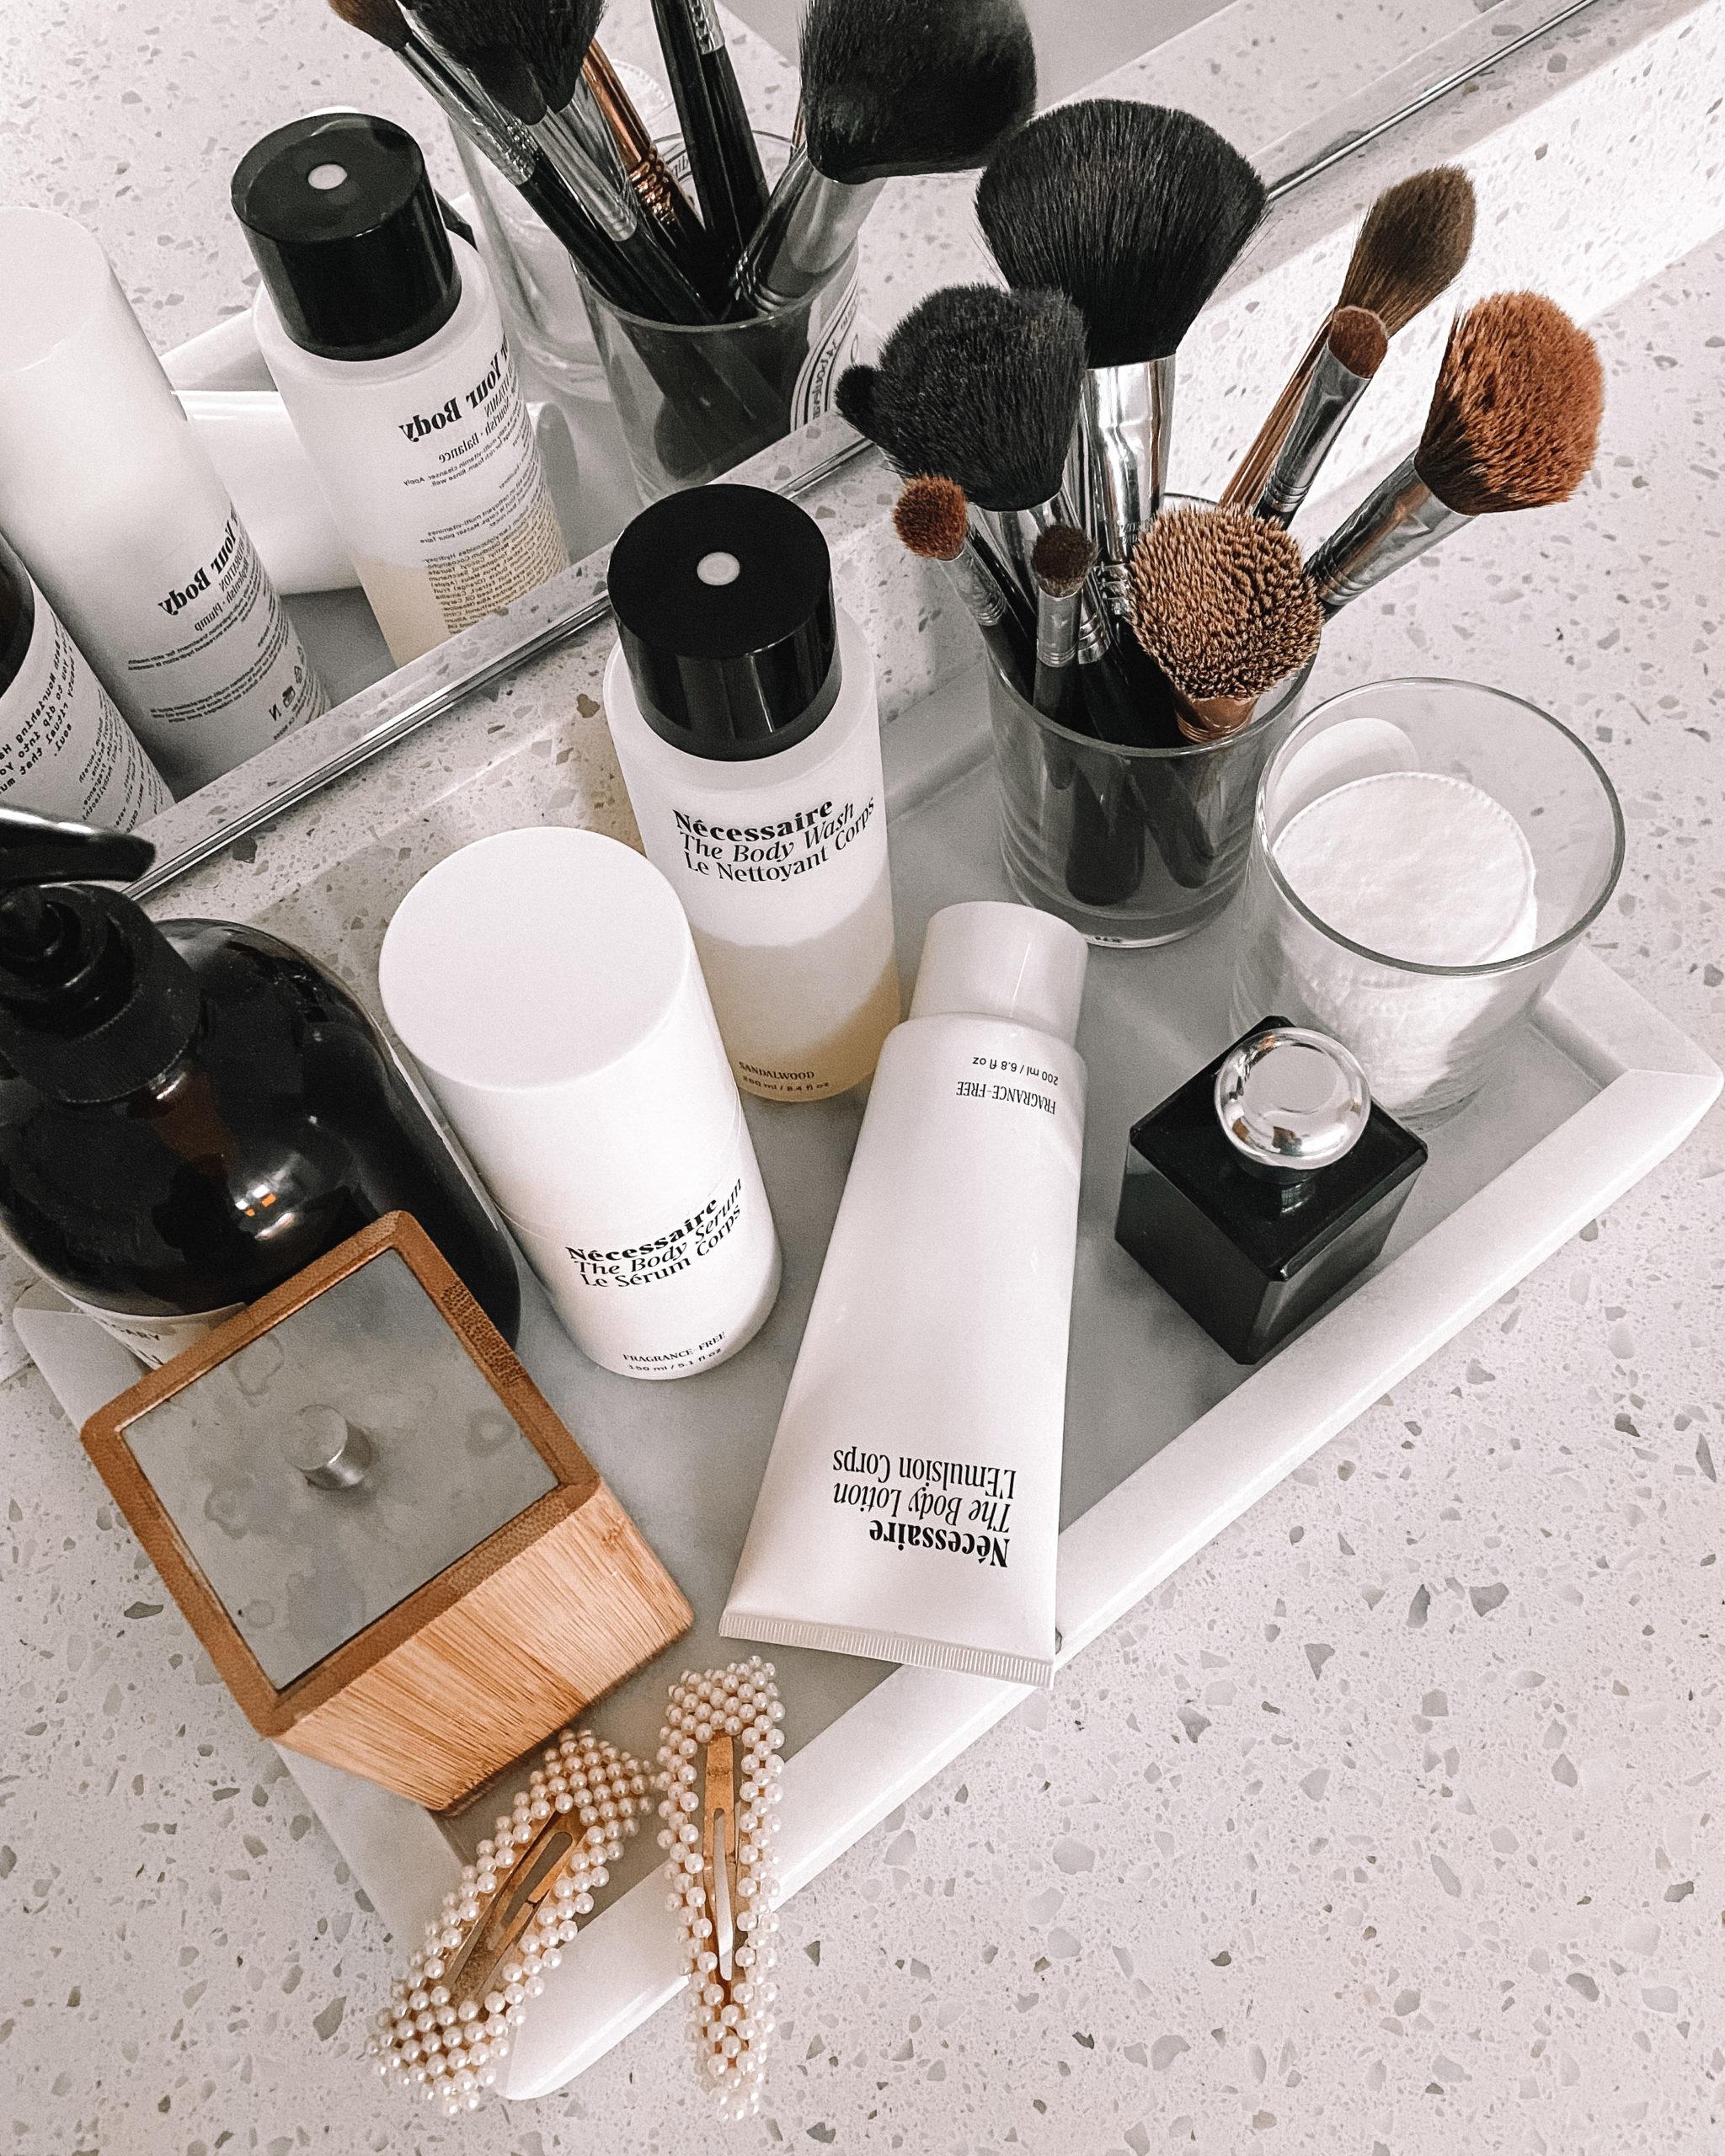 Fashion Jackson Beauty Skincare